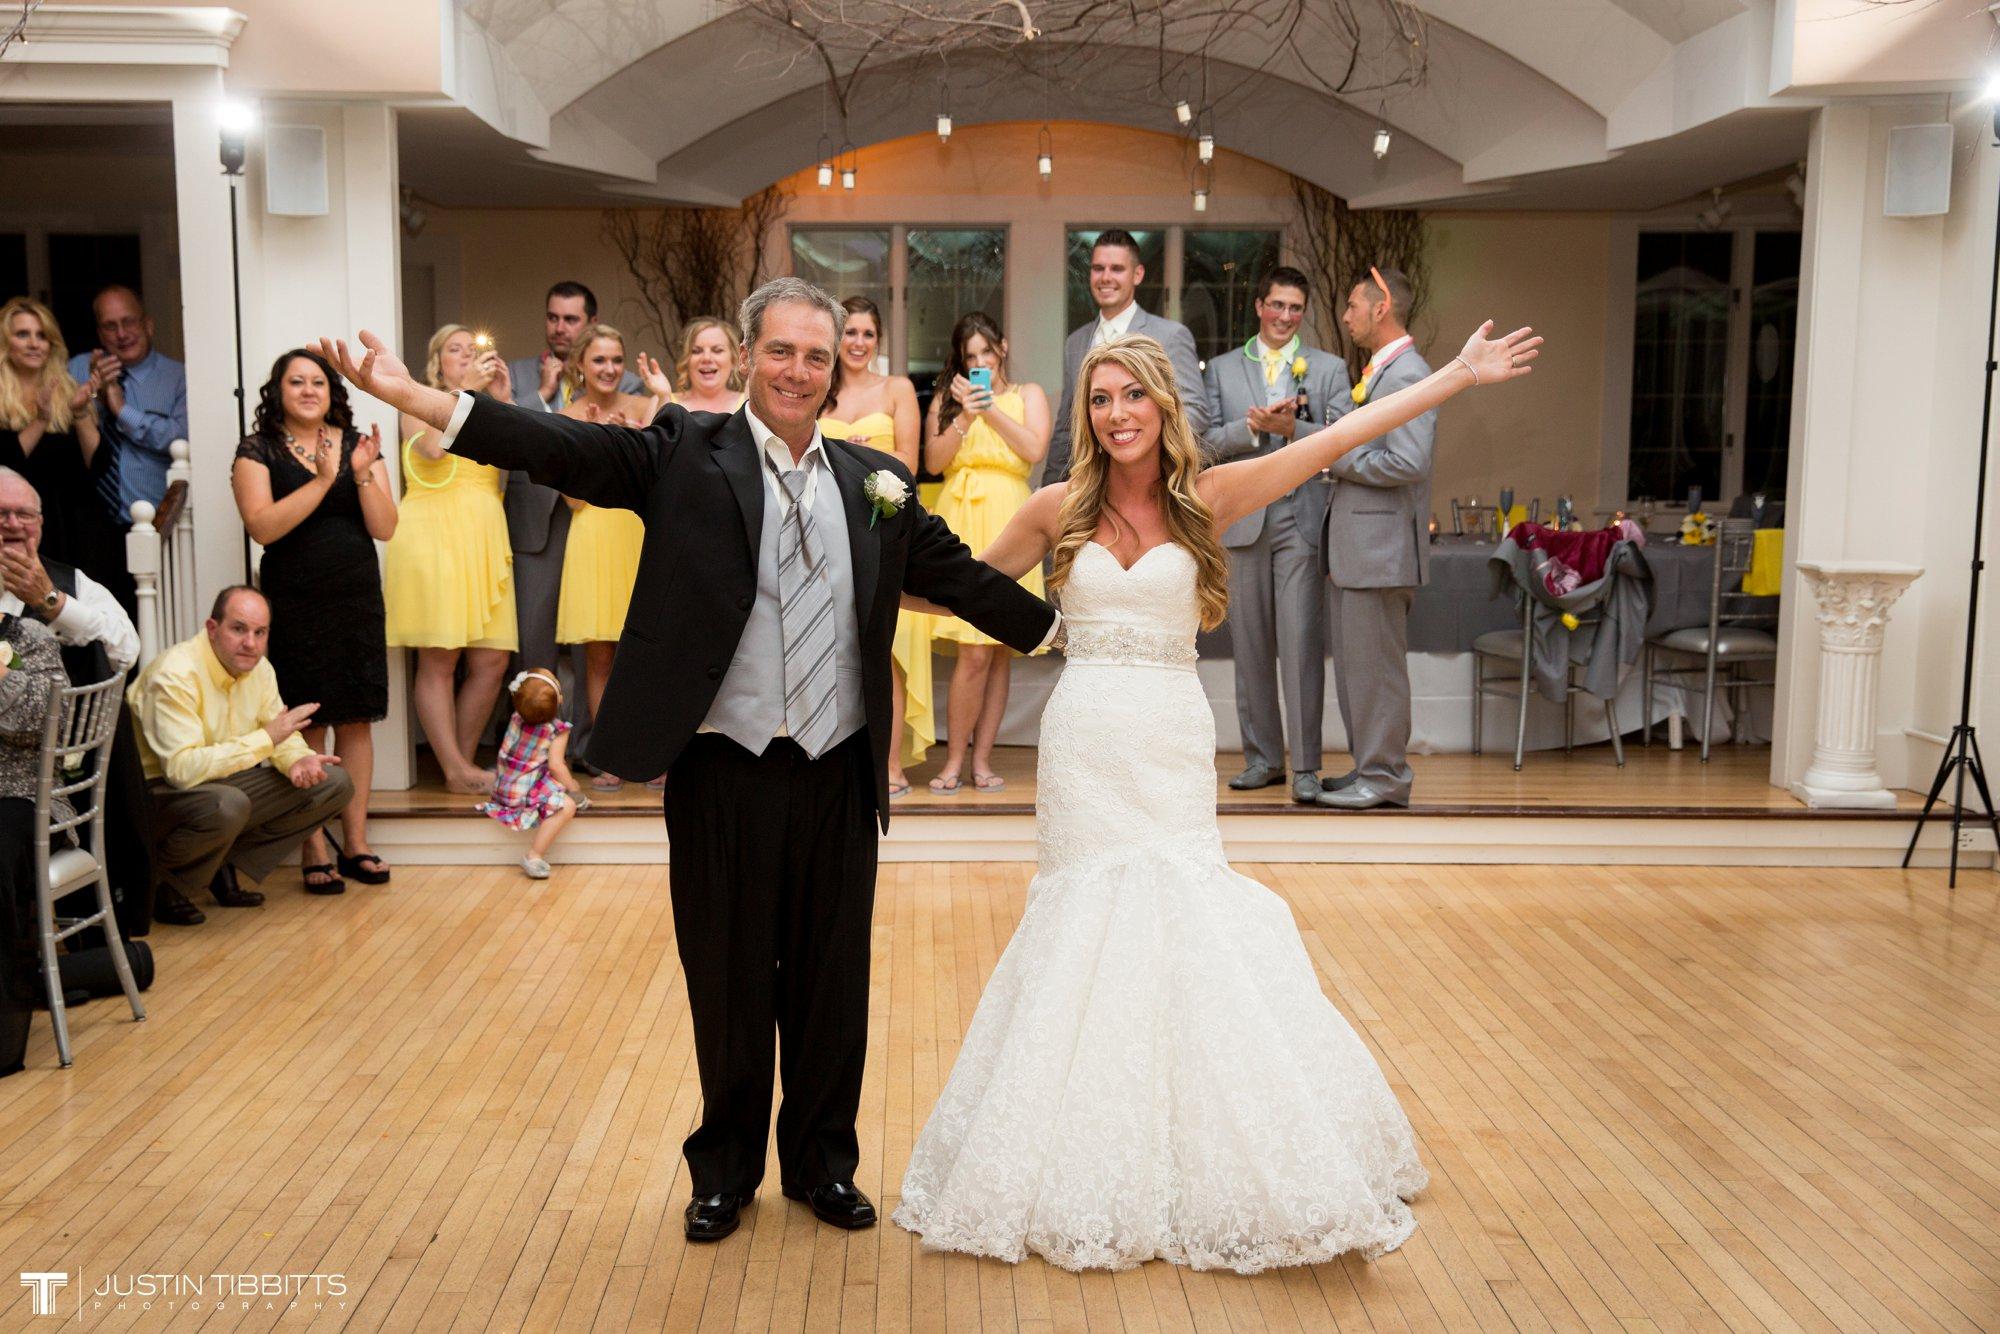 Albany NY Wedding Photographer Justin Tibbitts Photography 2014 Best of Albany NY Weddings-118Albany NY Wedding Photographer Justin Tibbitts Photography Albany NY Best of Weddings3